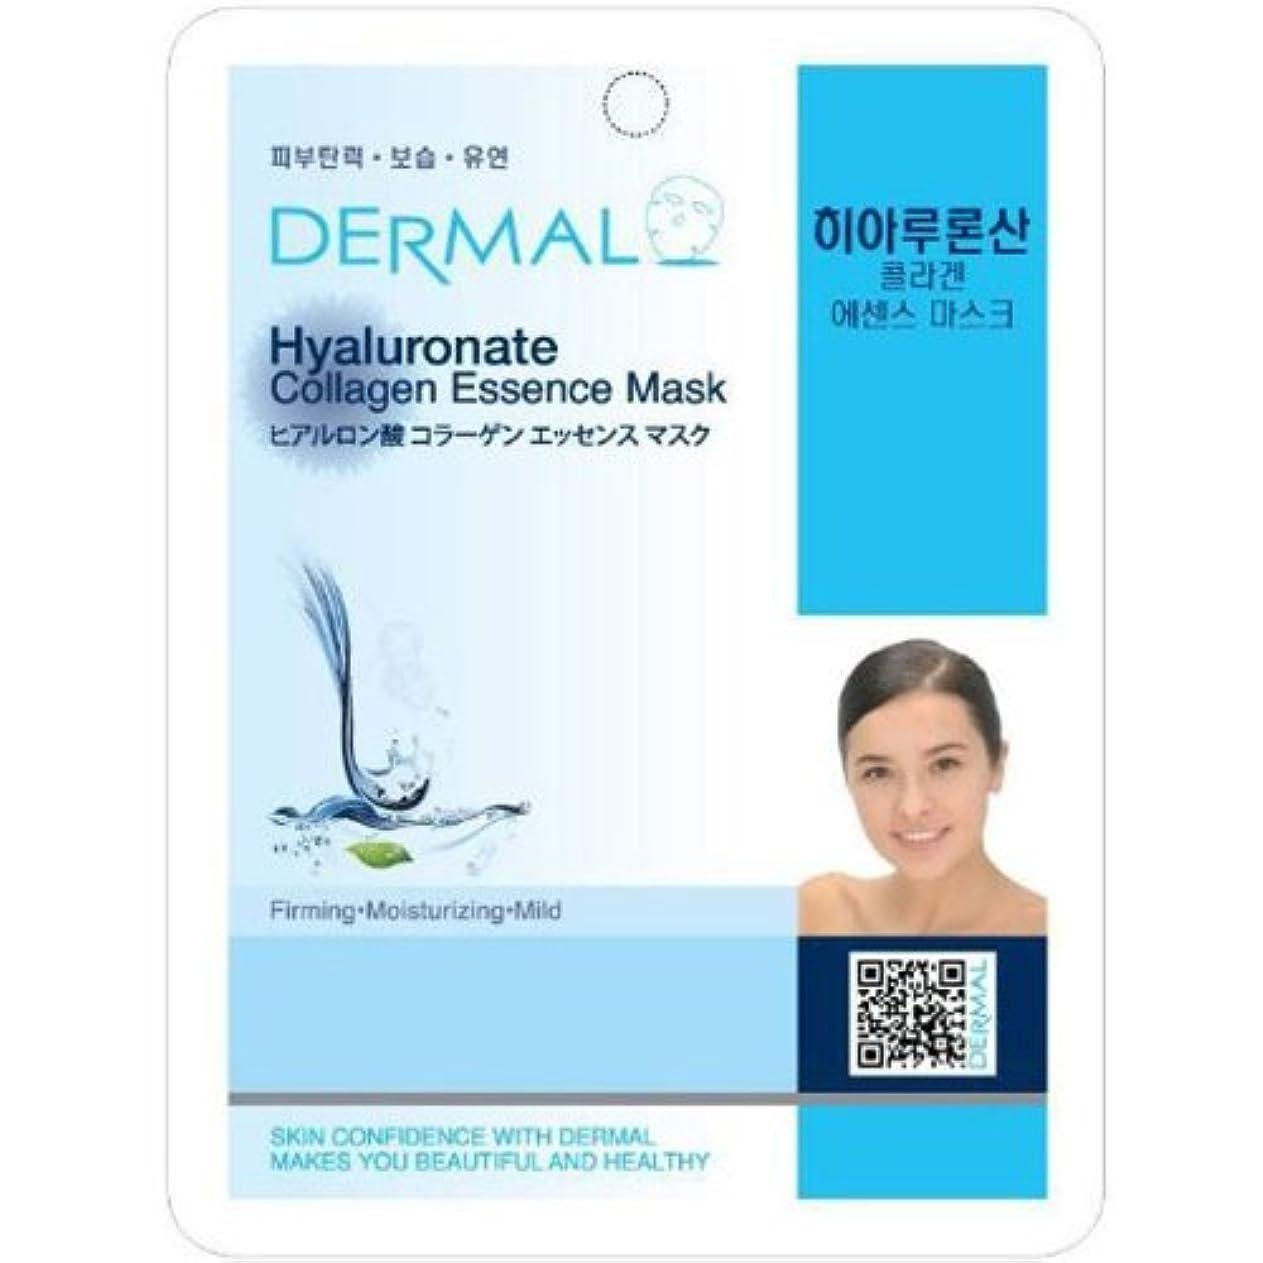 誤解を招く逆さまに暗記するシート マスク ヒアルロン酸 ダーマル Dermal 23g (10枚セット) 韓国コスメ フェイス パック